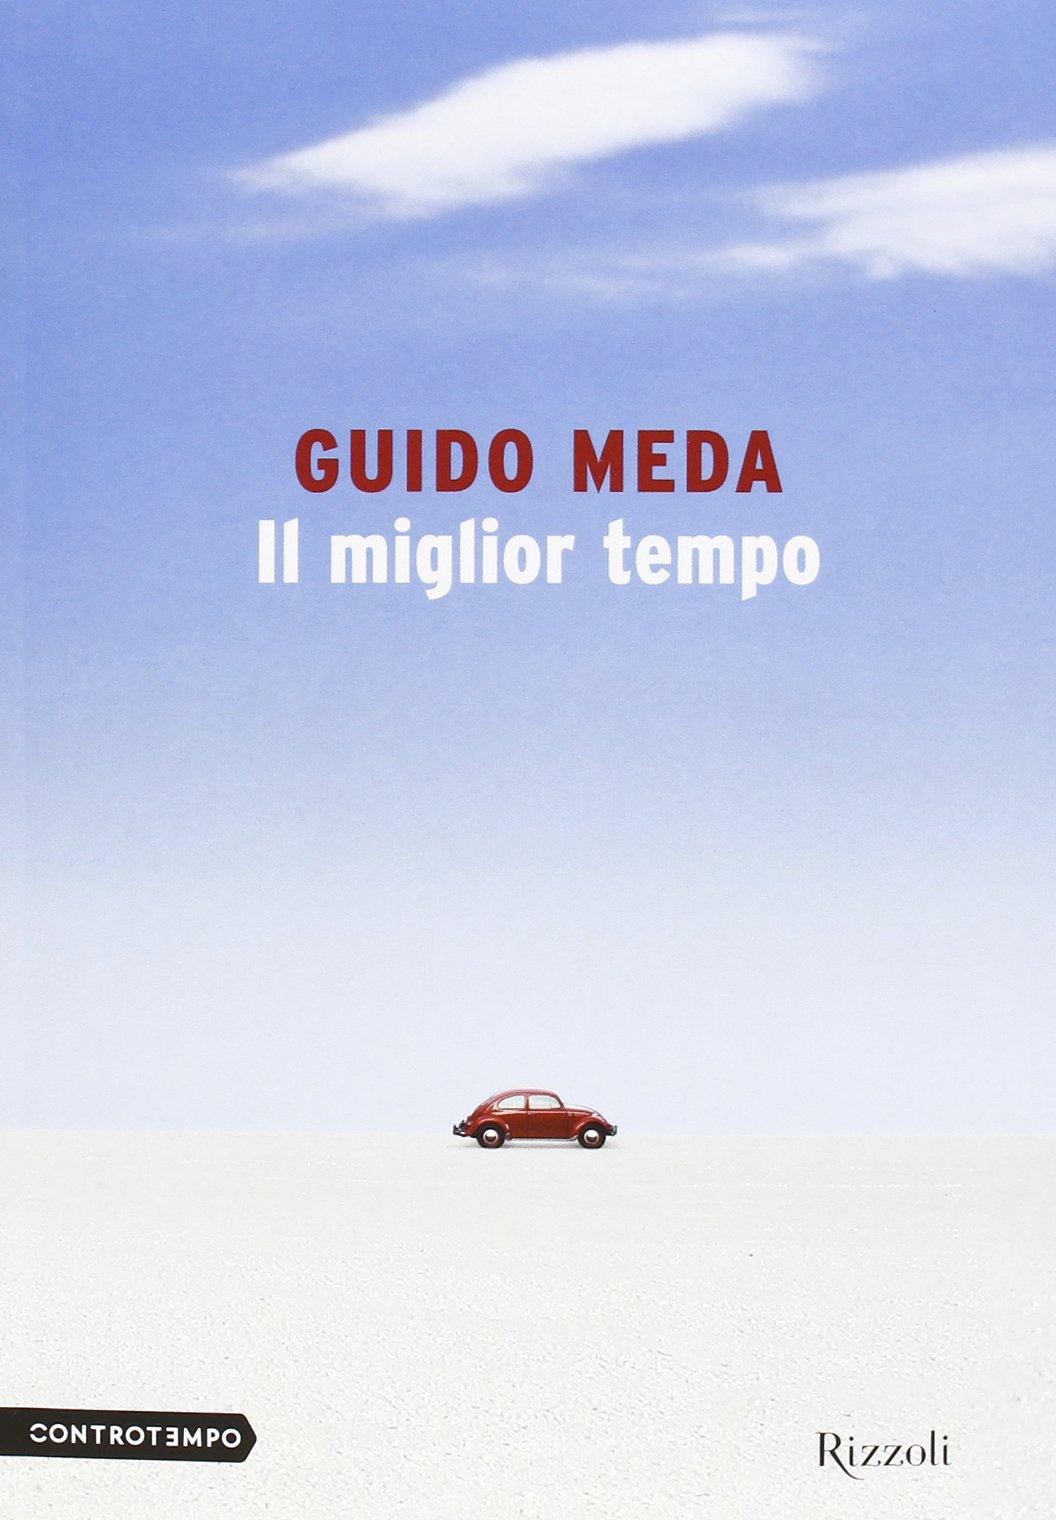 Il miglior tempo por Guido Meda